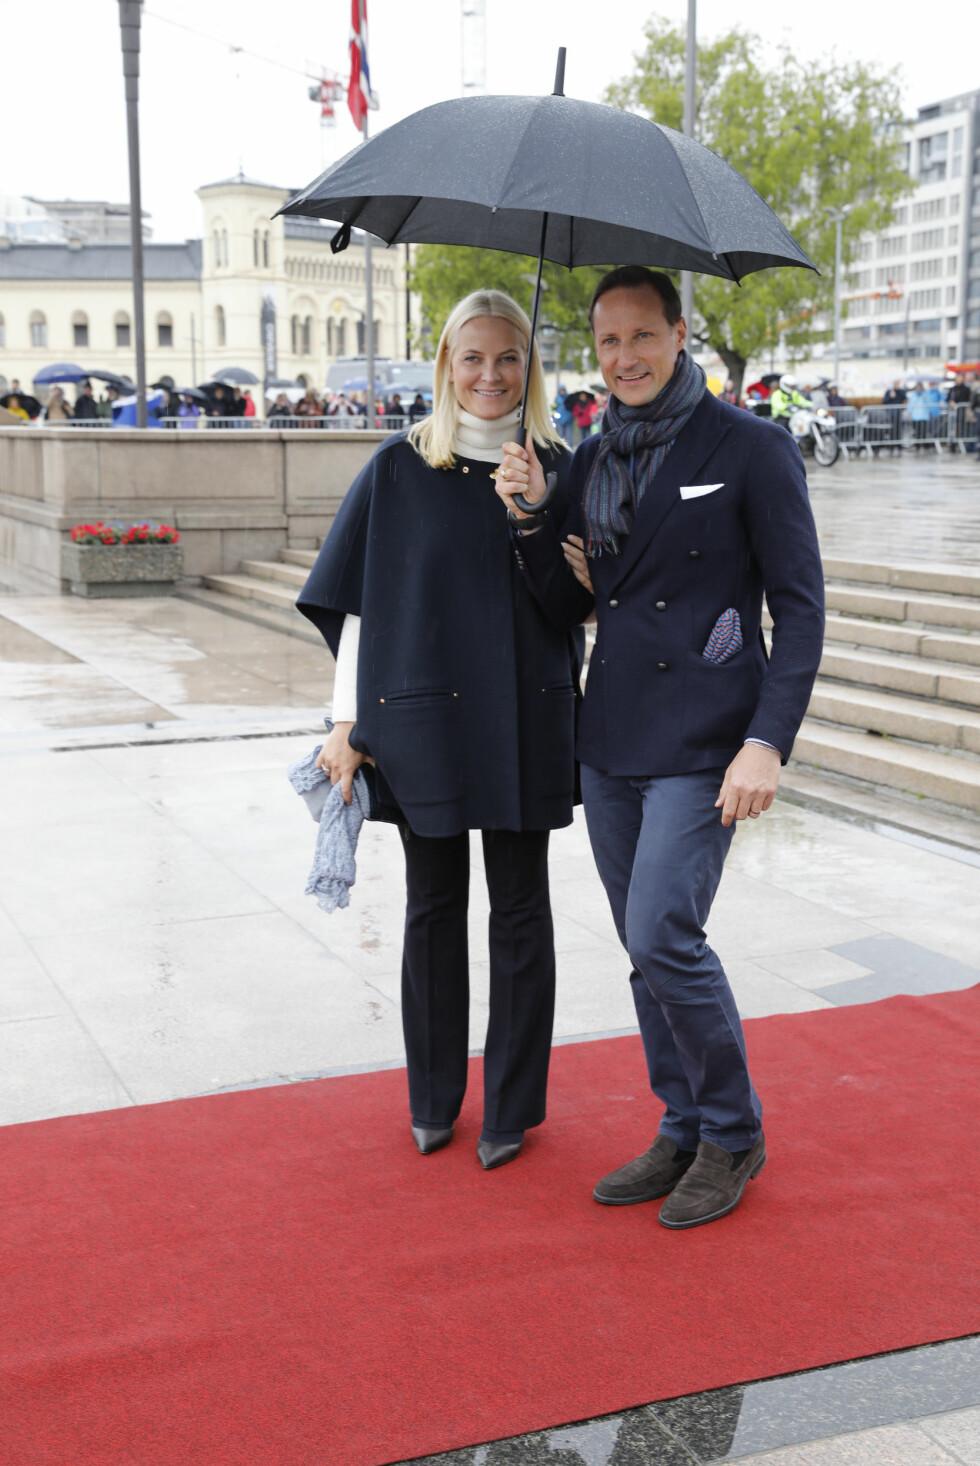 BURSDAGSFEST: Kronprins Haakon og kronprinsesse Mette-Marit av Norge på Honnørbryggen før avreise med Kongeskipet Norge. Foto: Kallestad, Gorm / NTB Scanpix